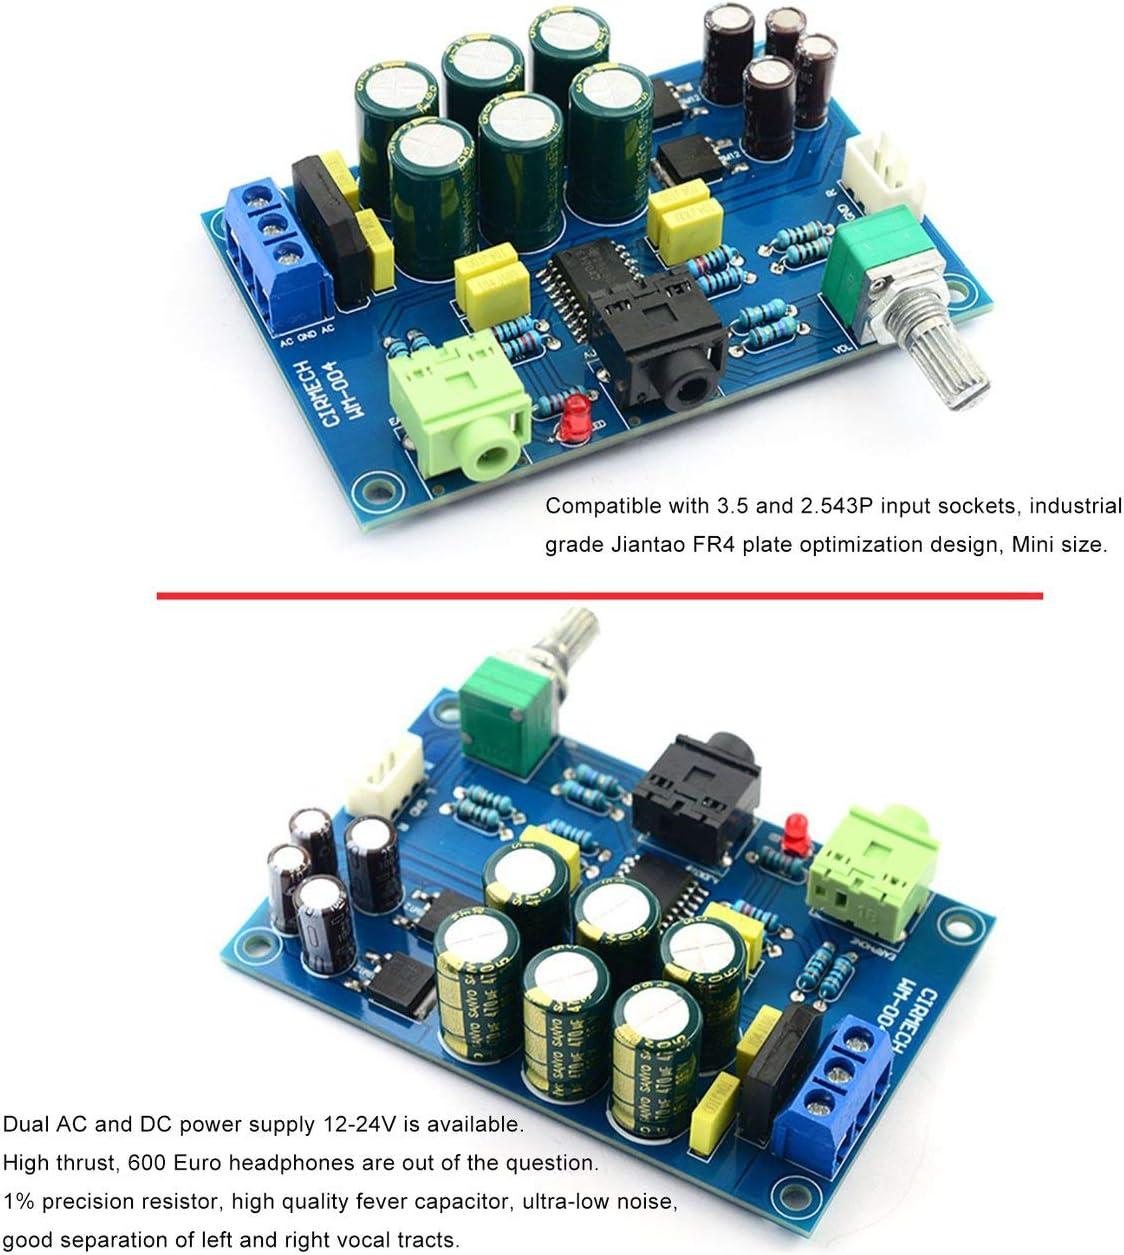 Blue /& Parts JIUY TPA6120 Kopfh/örer Verst/ärker-Brett HiFi TPA6120A2 Enthusiast Kopfh/örer AMP Amplificador Zero Noise DIY Verst/ärker-Brett